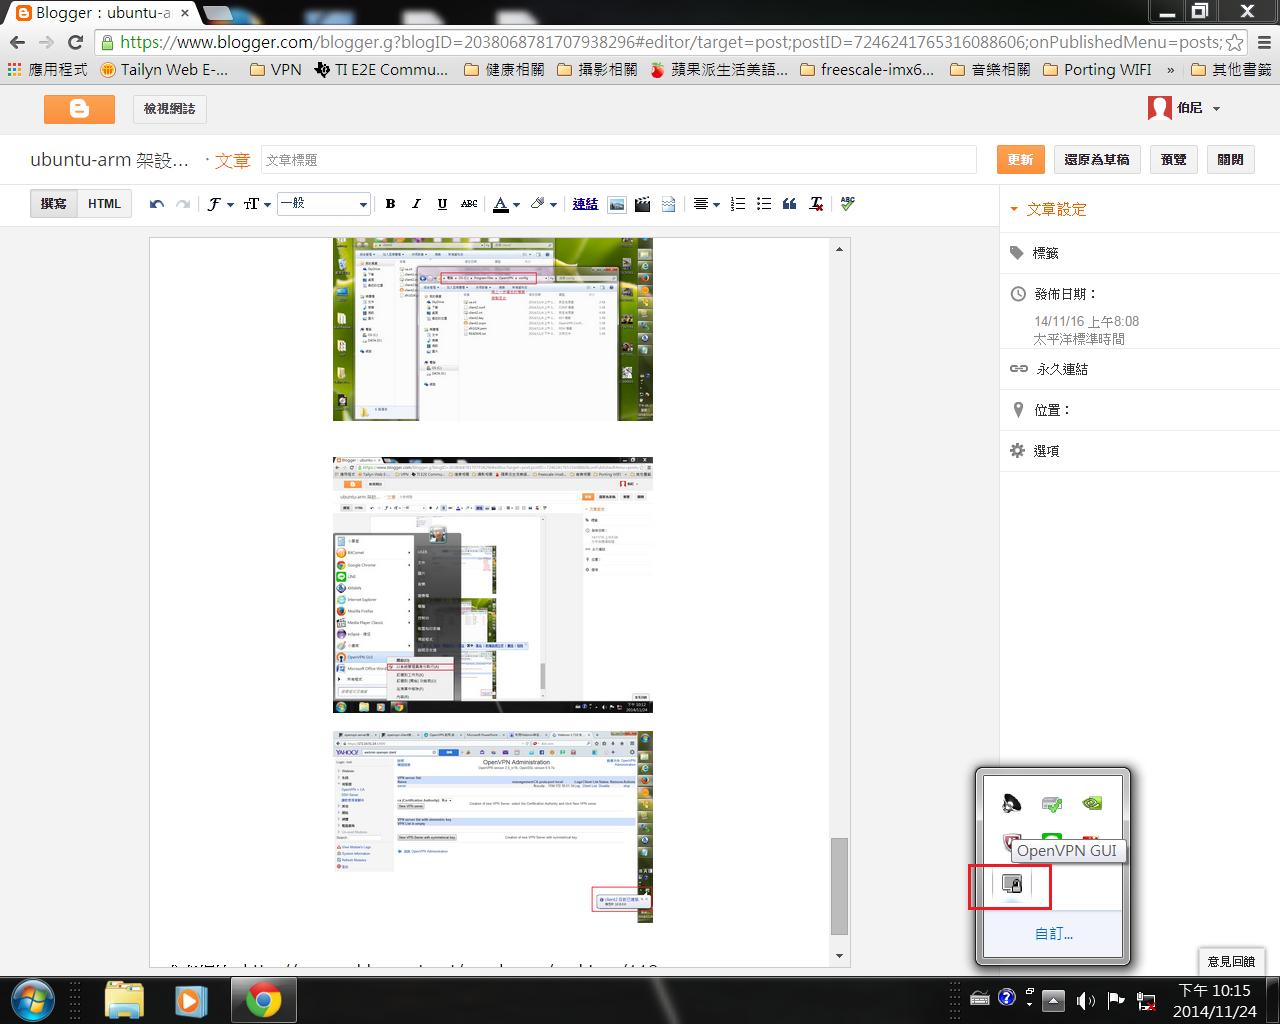 深夜工作紀錄: ubuntu arm 架設openvpn